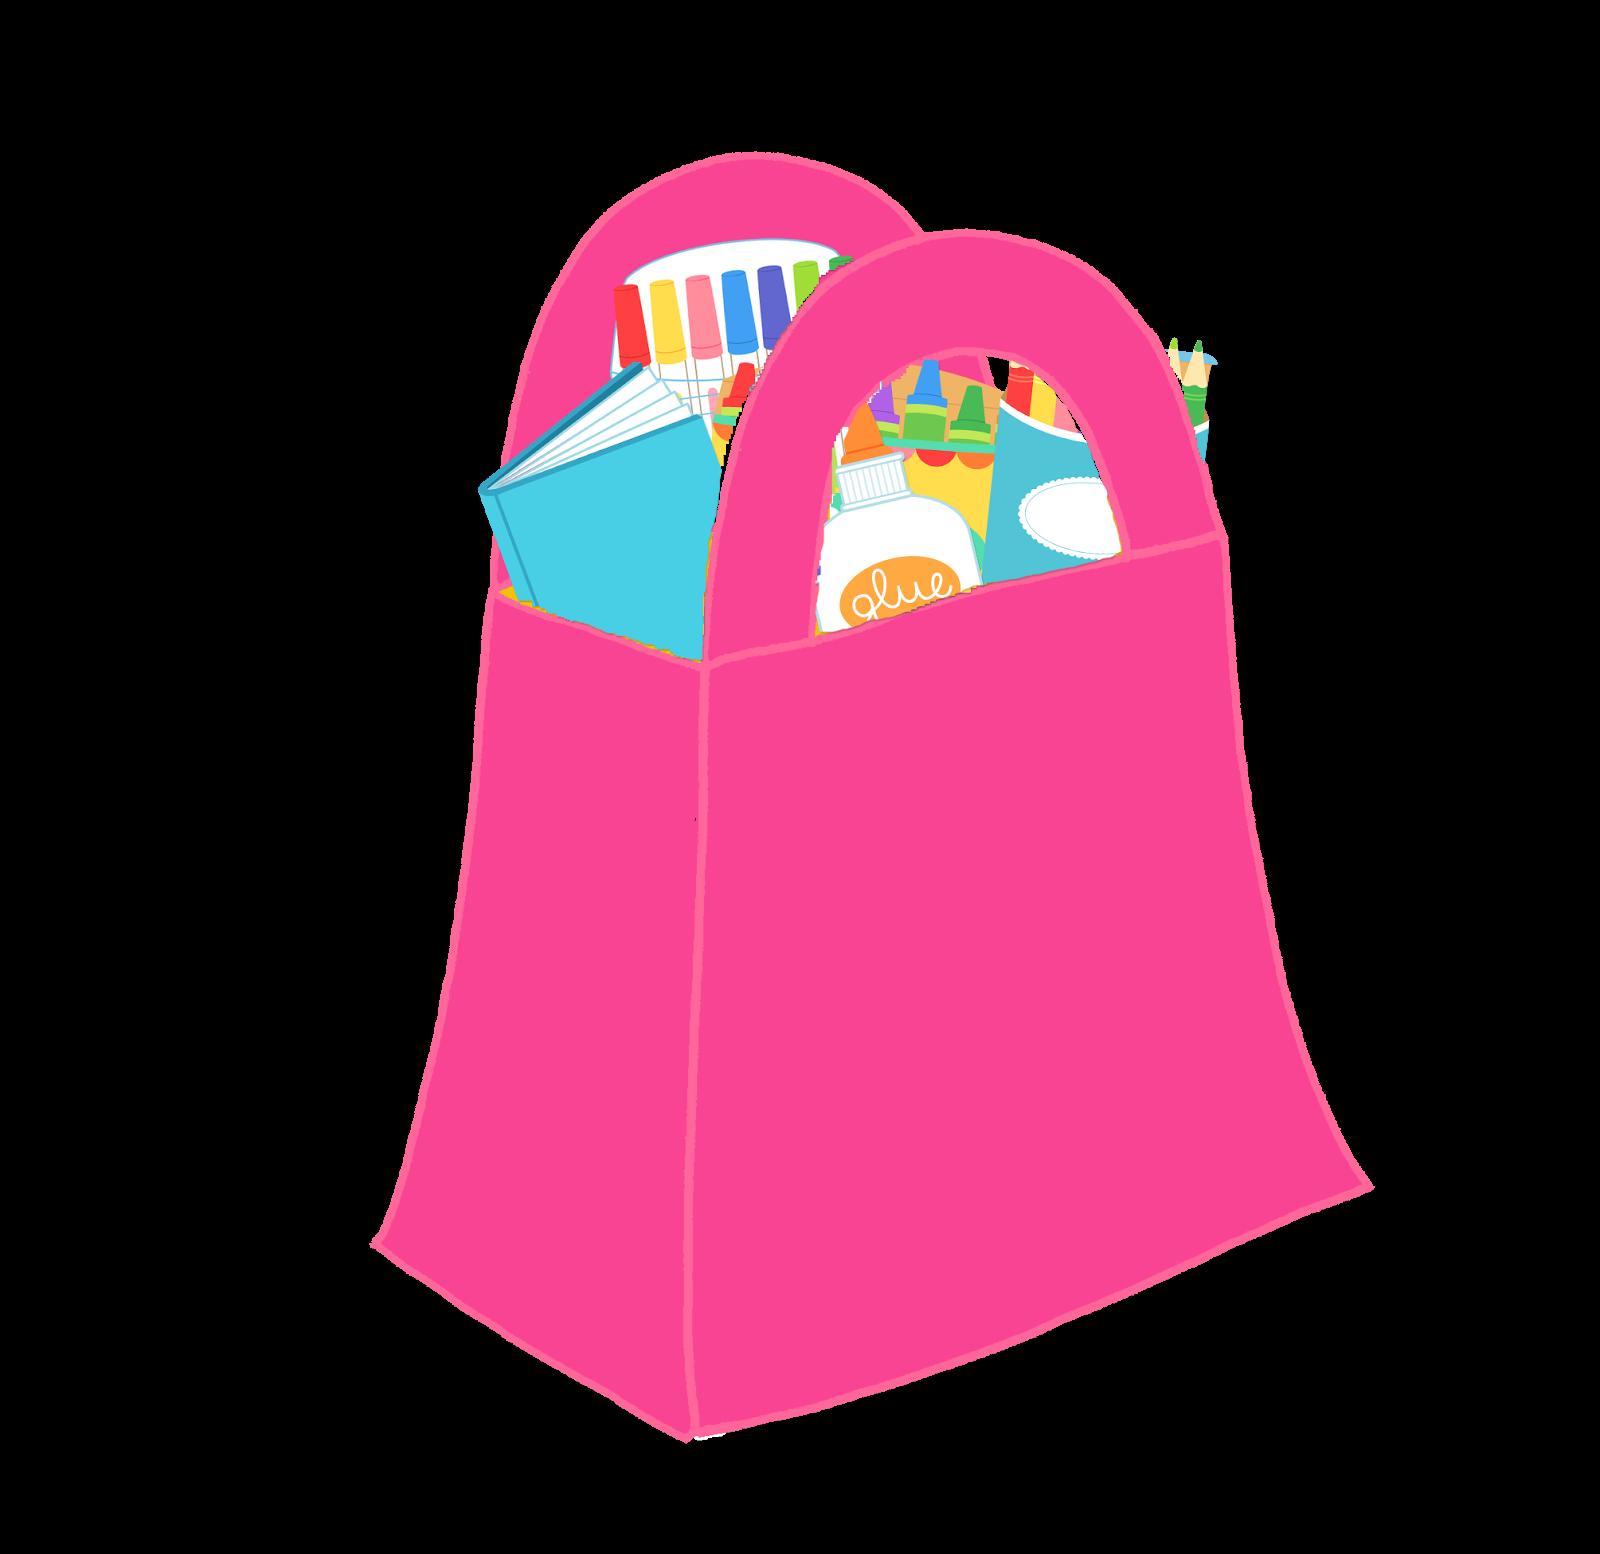 cute shopping bag clip art displaying 19 u003e images for shopping rh pinterest com shopping bag clipart black and white shopping bag clip art images